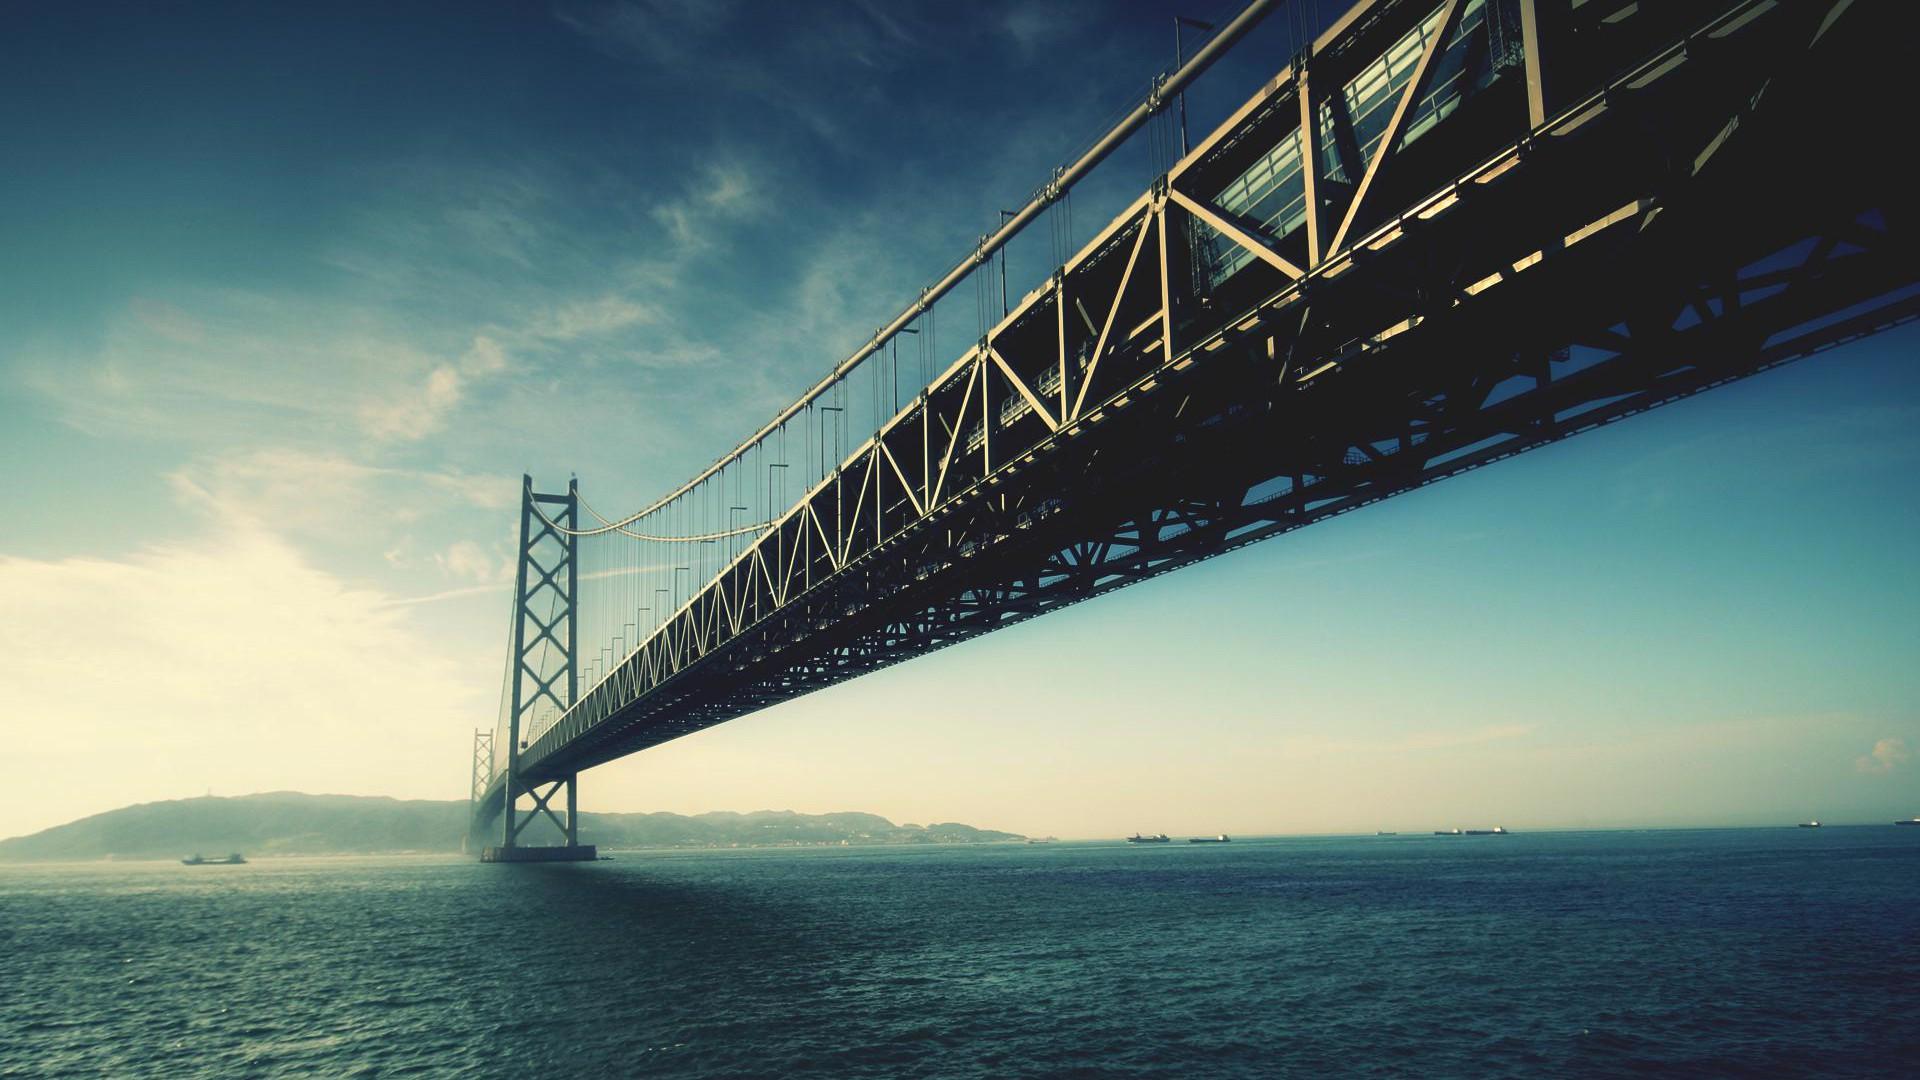 Bridge Wallpapers 12287